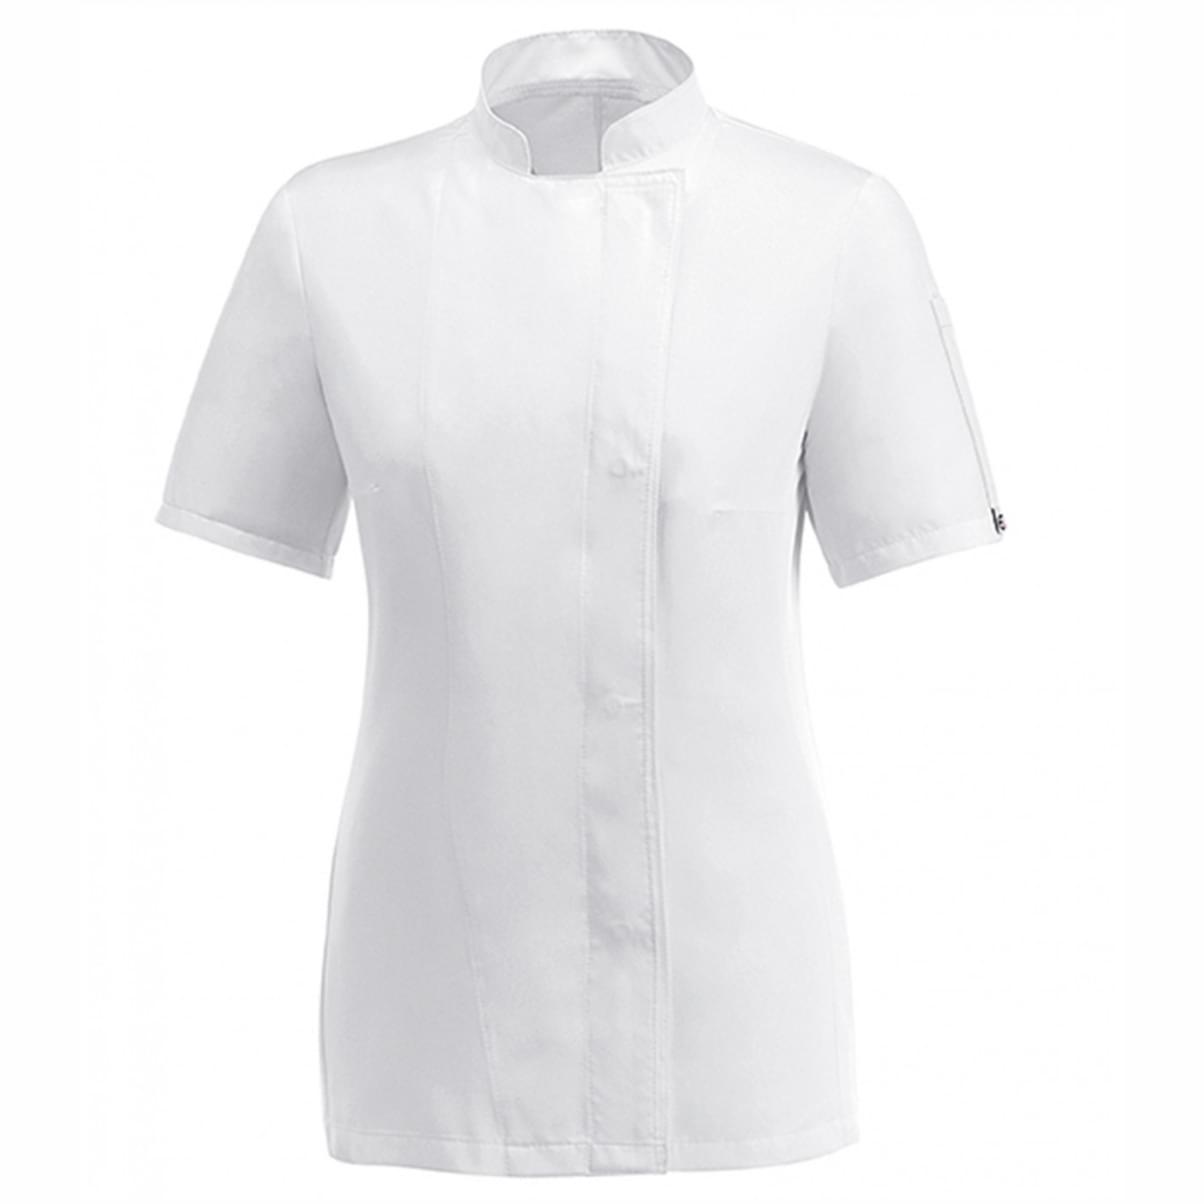 γυναικεία μπλούζα μάγειρα λευκή egochef microfiber